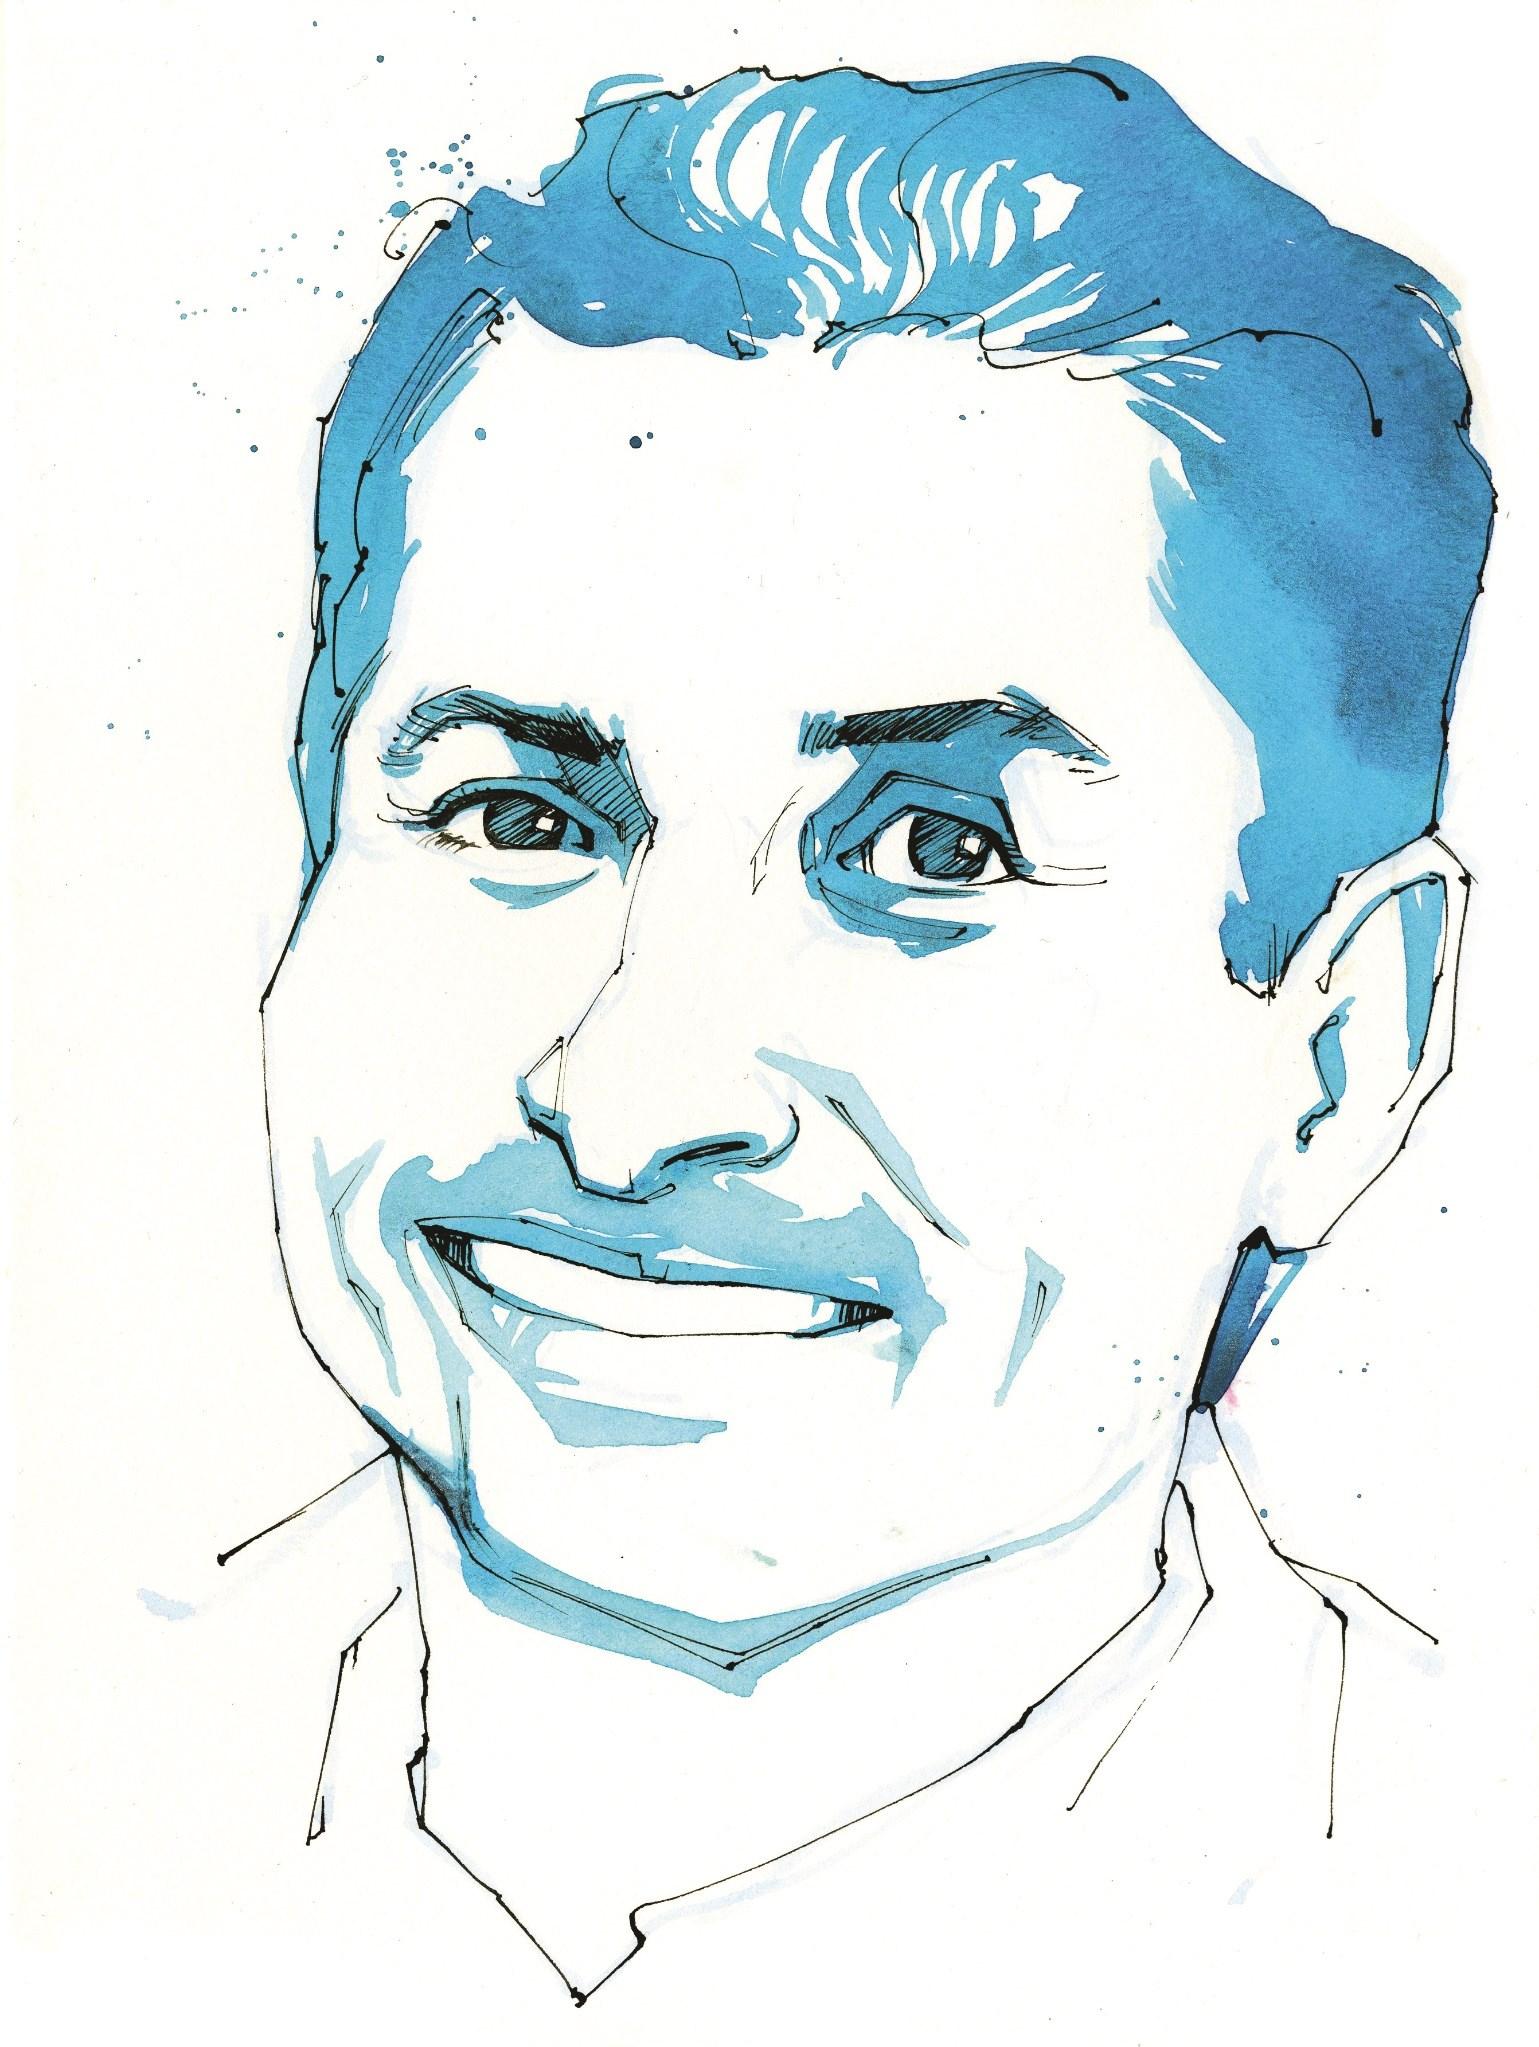 Dave Guiga